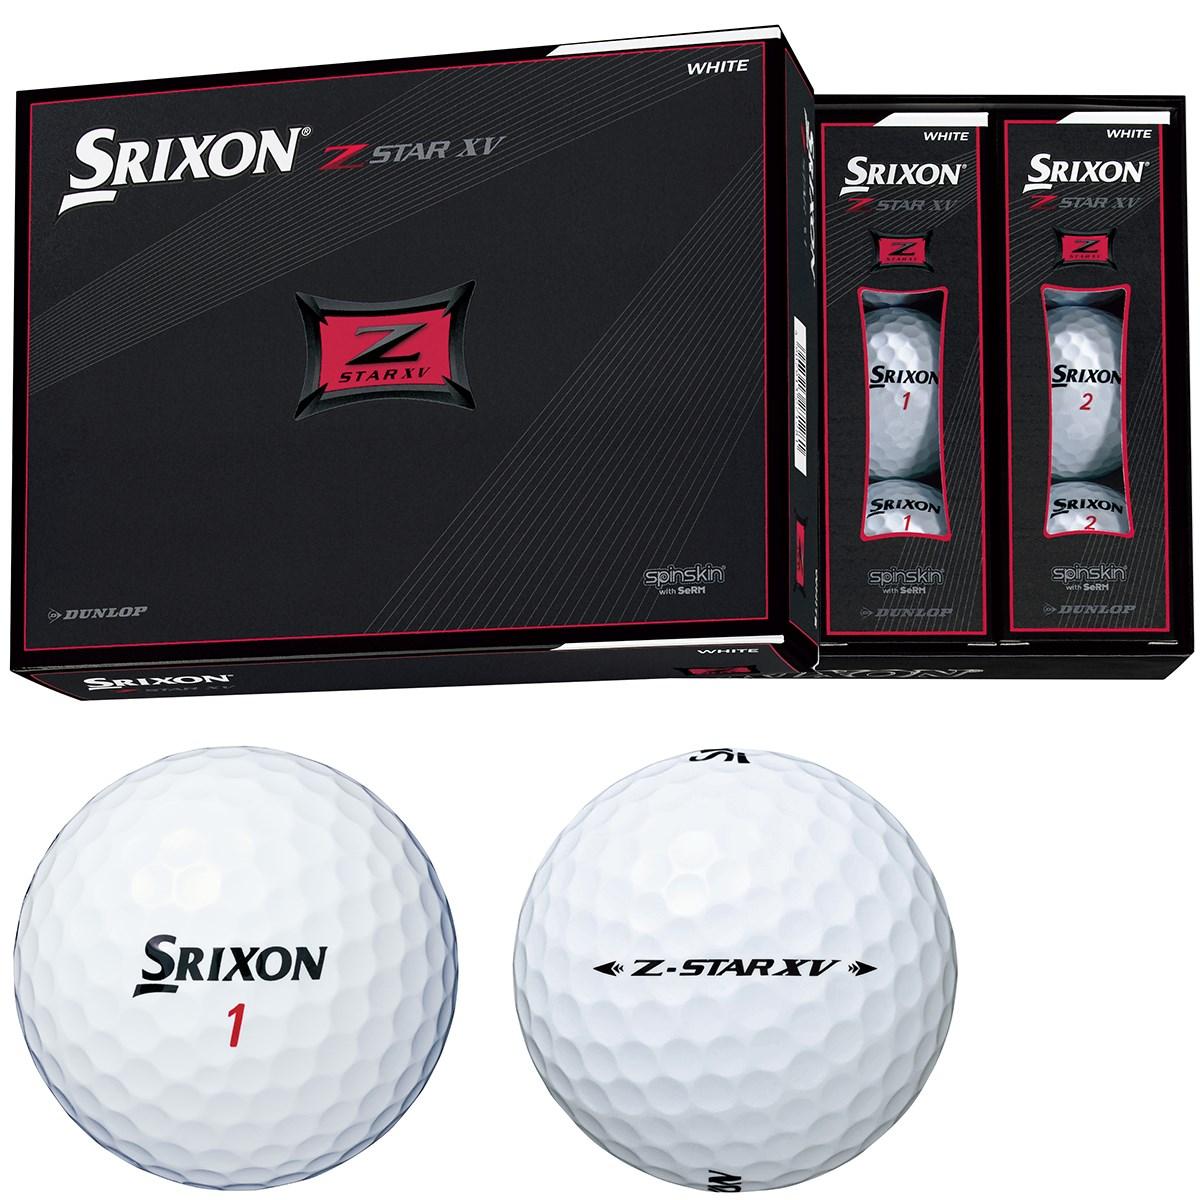 ダンロップ SRIXON Z-STAR XV ボール 1ダース(12個入り) ホワイト